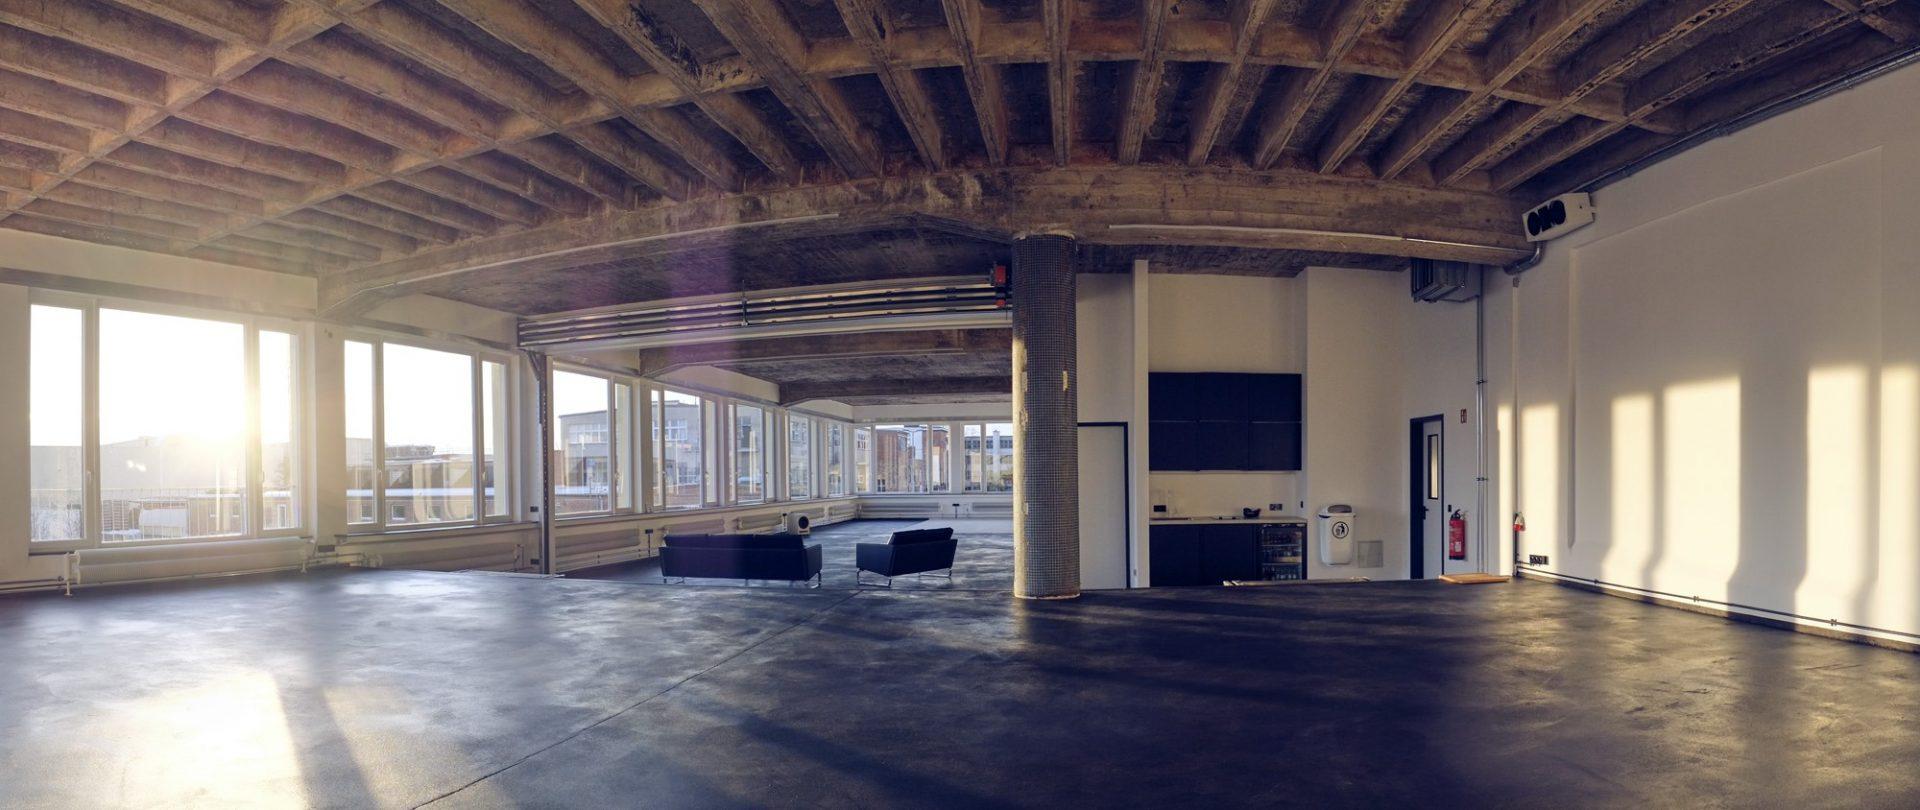 Raw studios gebruikt de Compact vouwdeur als flexibele tussenwand